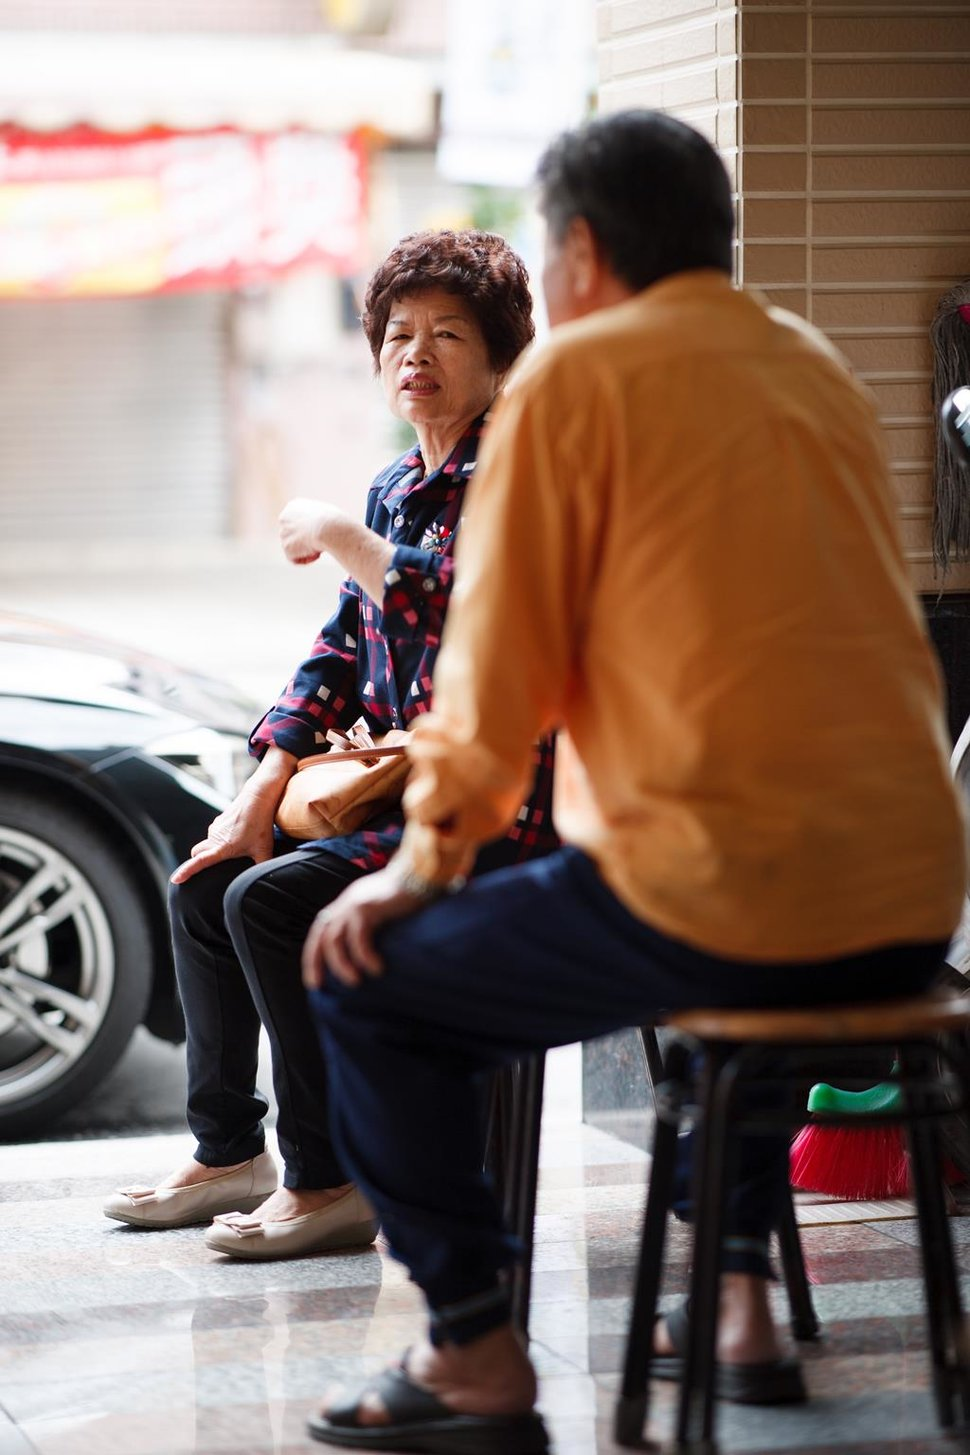 書孟&逸琳婚禮紀實-2 - Mr. Happiness 幸福先生《結婚吧》